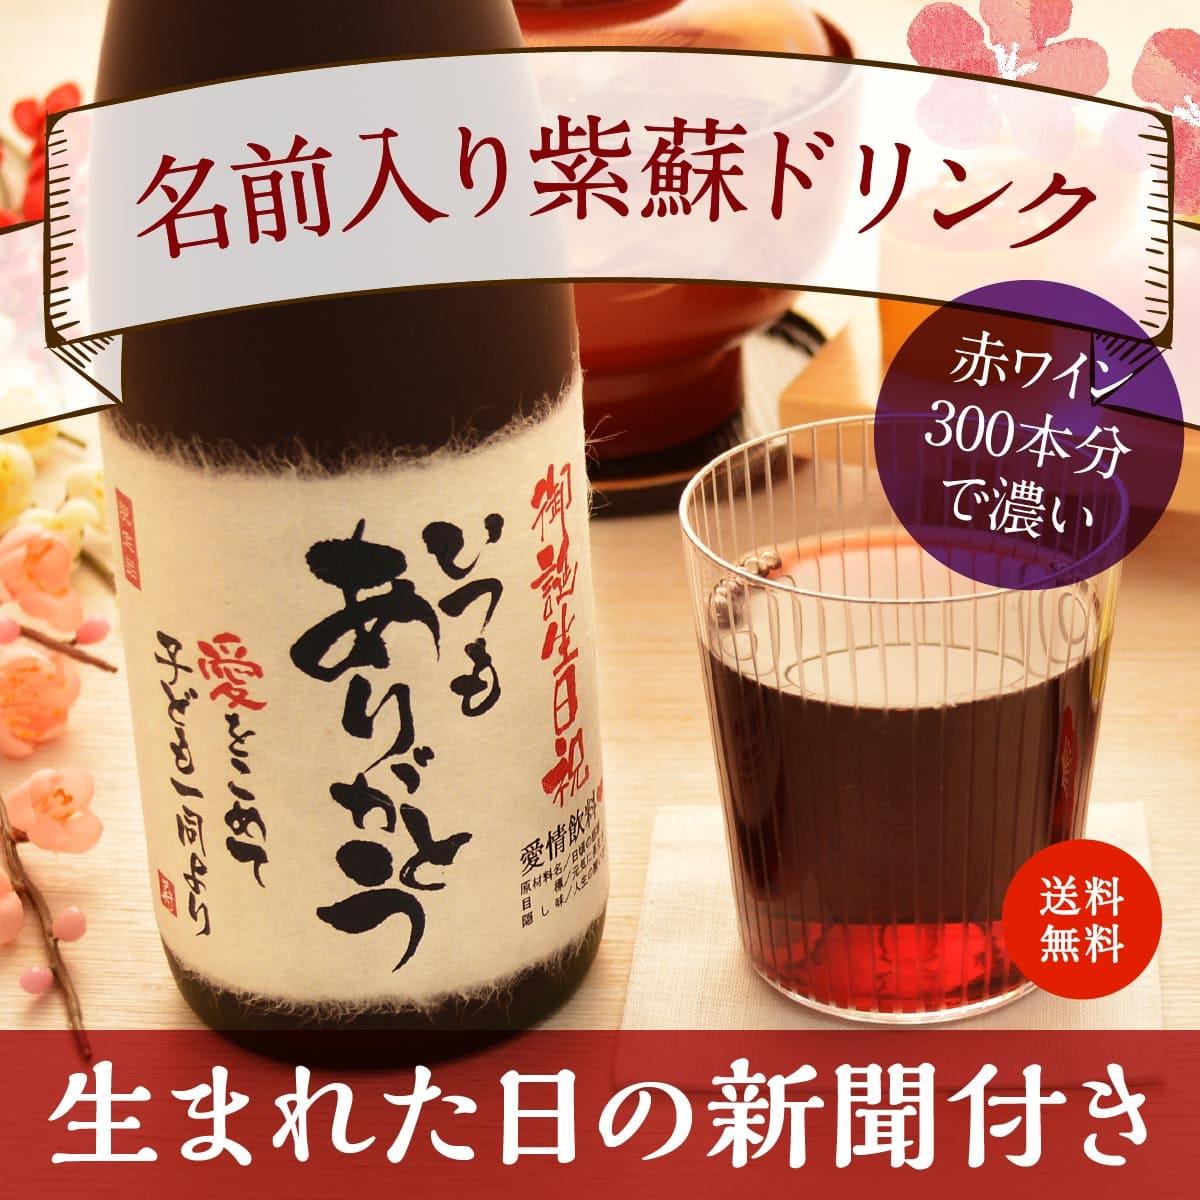 古希祝い|赤ワイン300本分のポリフェノール入り「紫蘇レスベラ」720ml(ジュース)